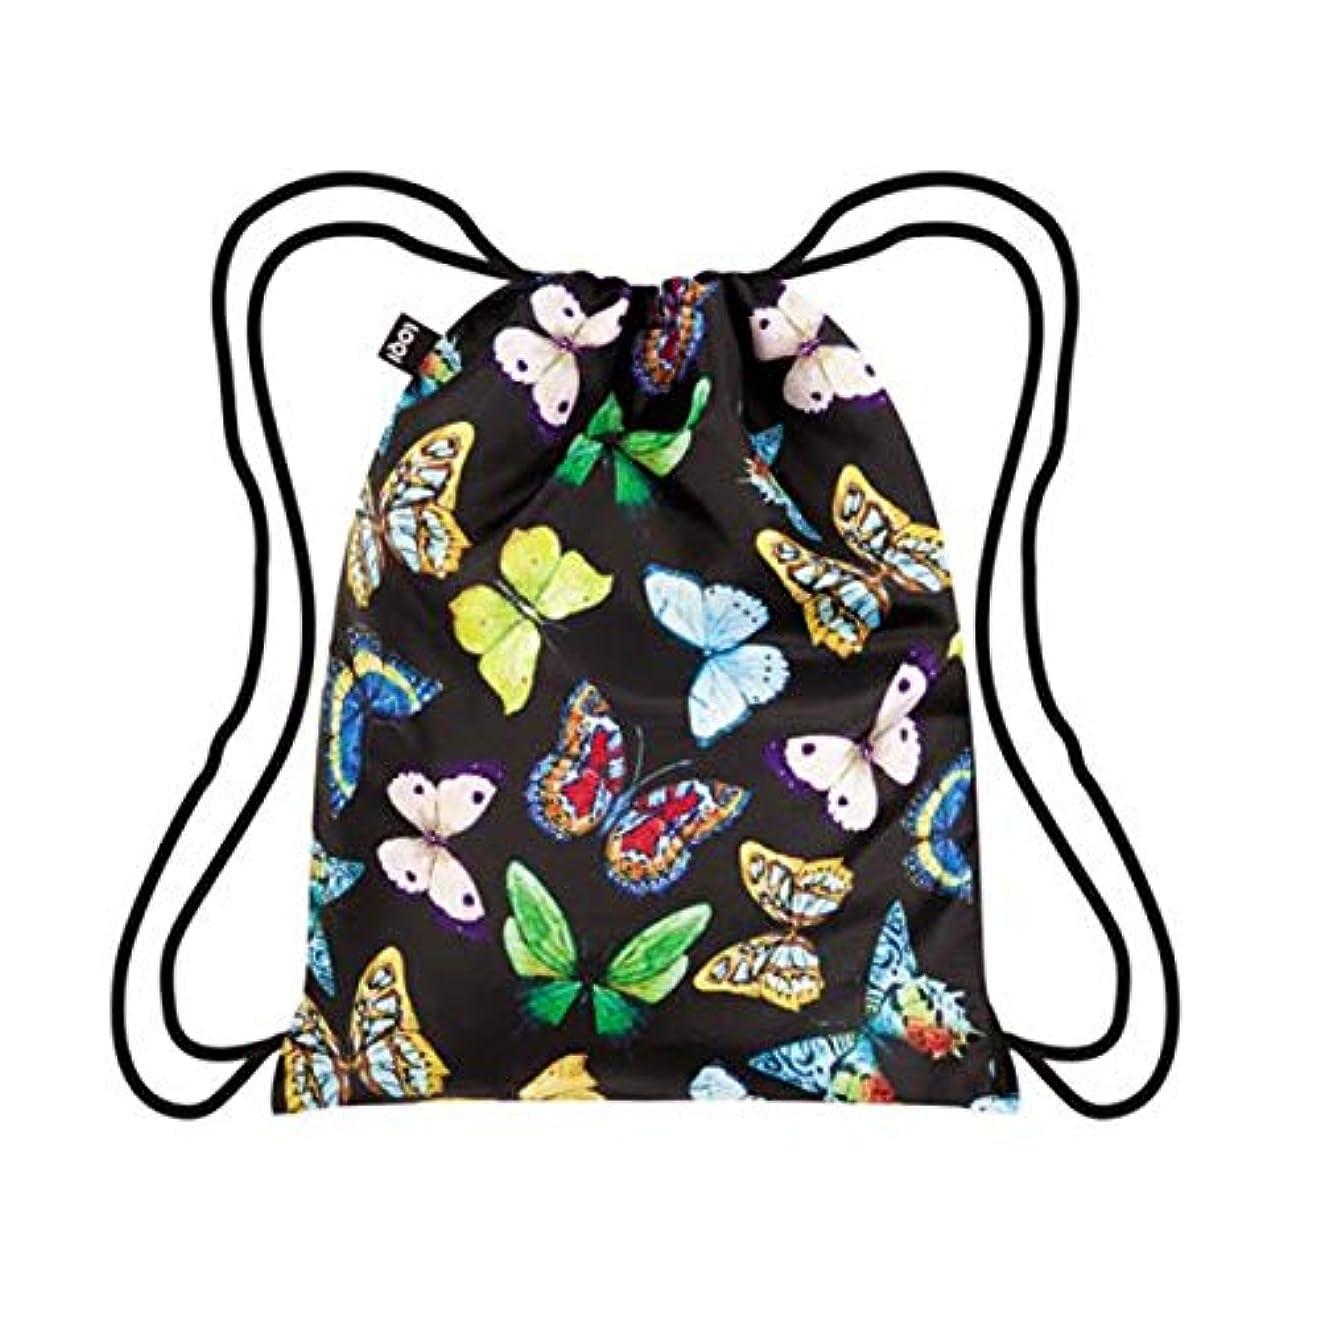 共産主義抜け目のない社会WMWLUO ギフトバッグバンチポケット巾着リュック通学 (Color : A)